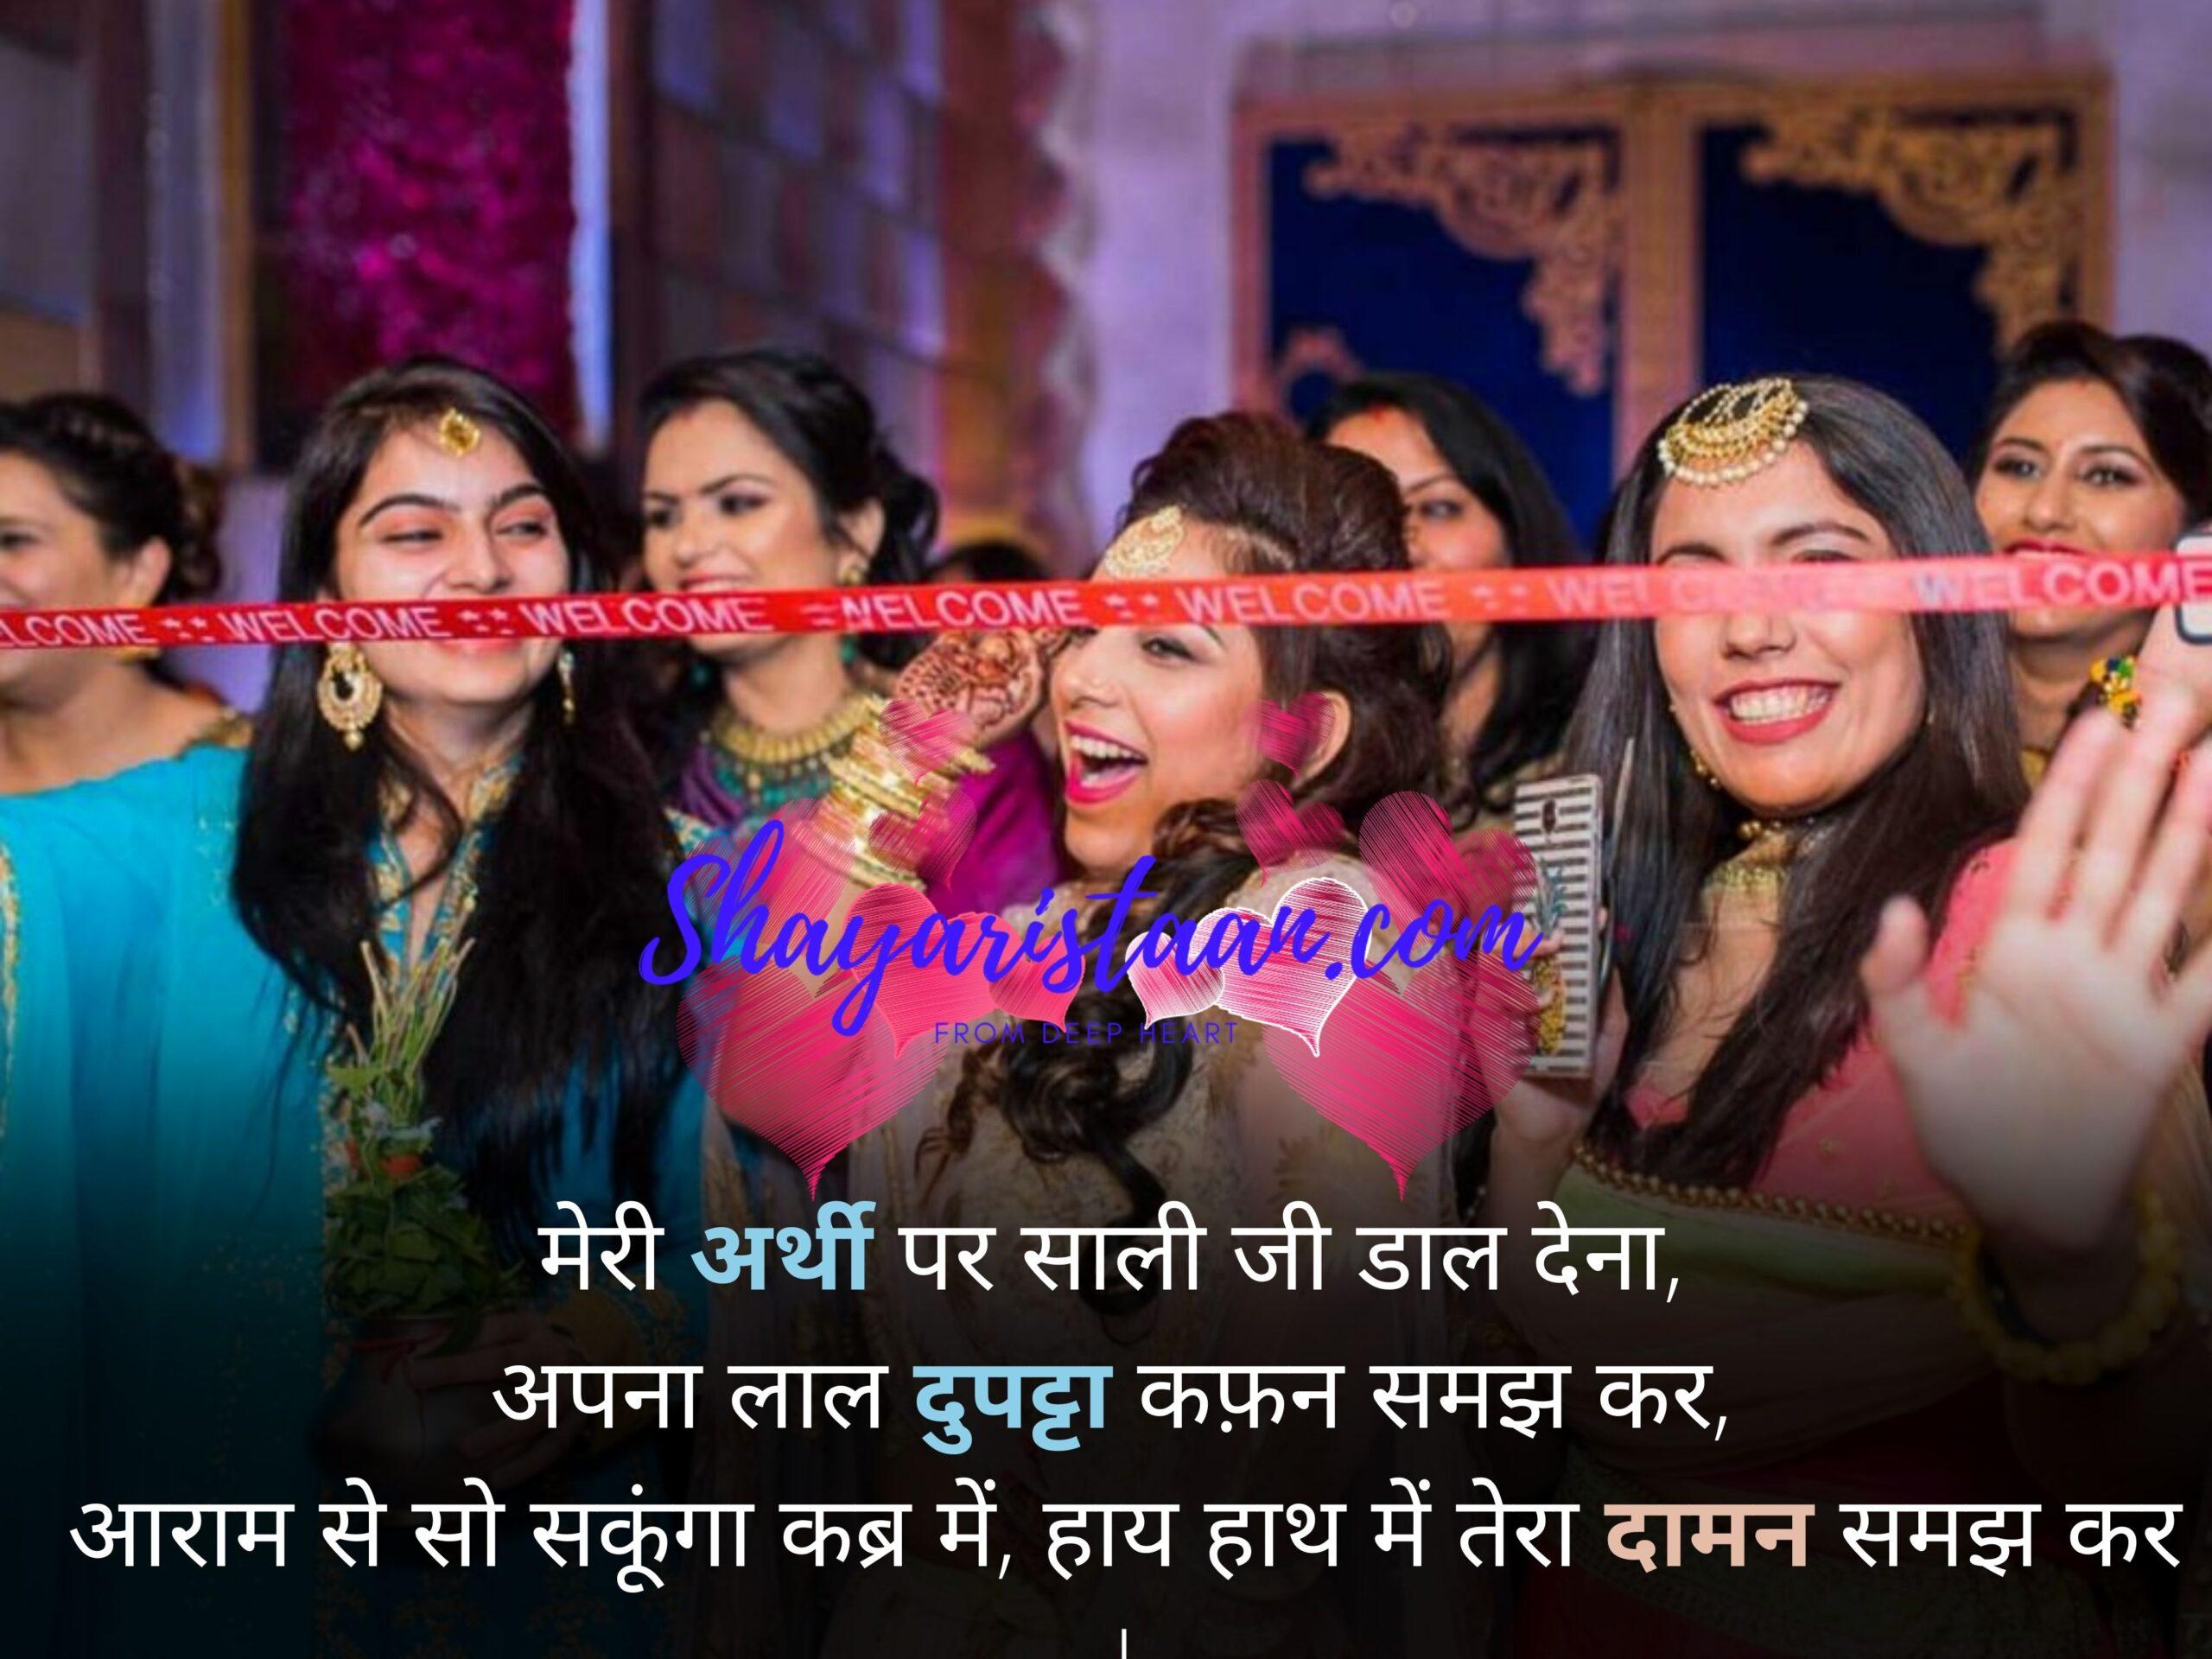 jija sali shayari in hindi   मेरी अर्थी पर साली जी डाल देना, अपना लाल दुपट्टा कफ़न समझ कर, आराम से सो सकूंगा कब्र में, हाय हाथ में तेरा दामन समझ कर  